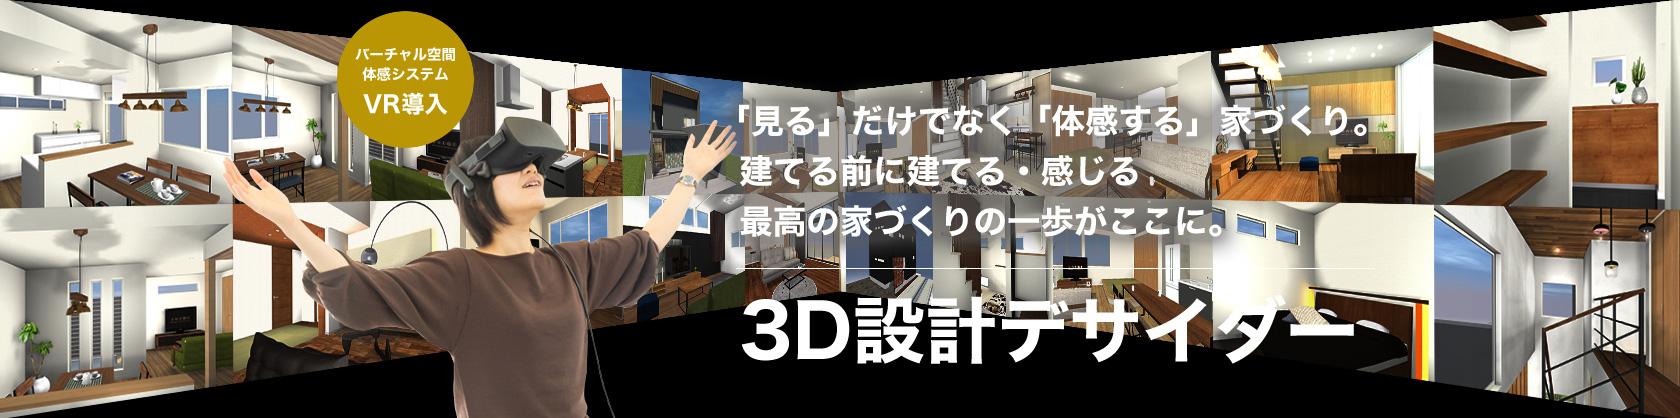 3Dデサイダー